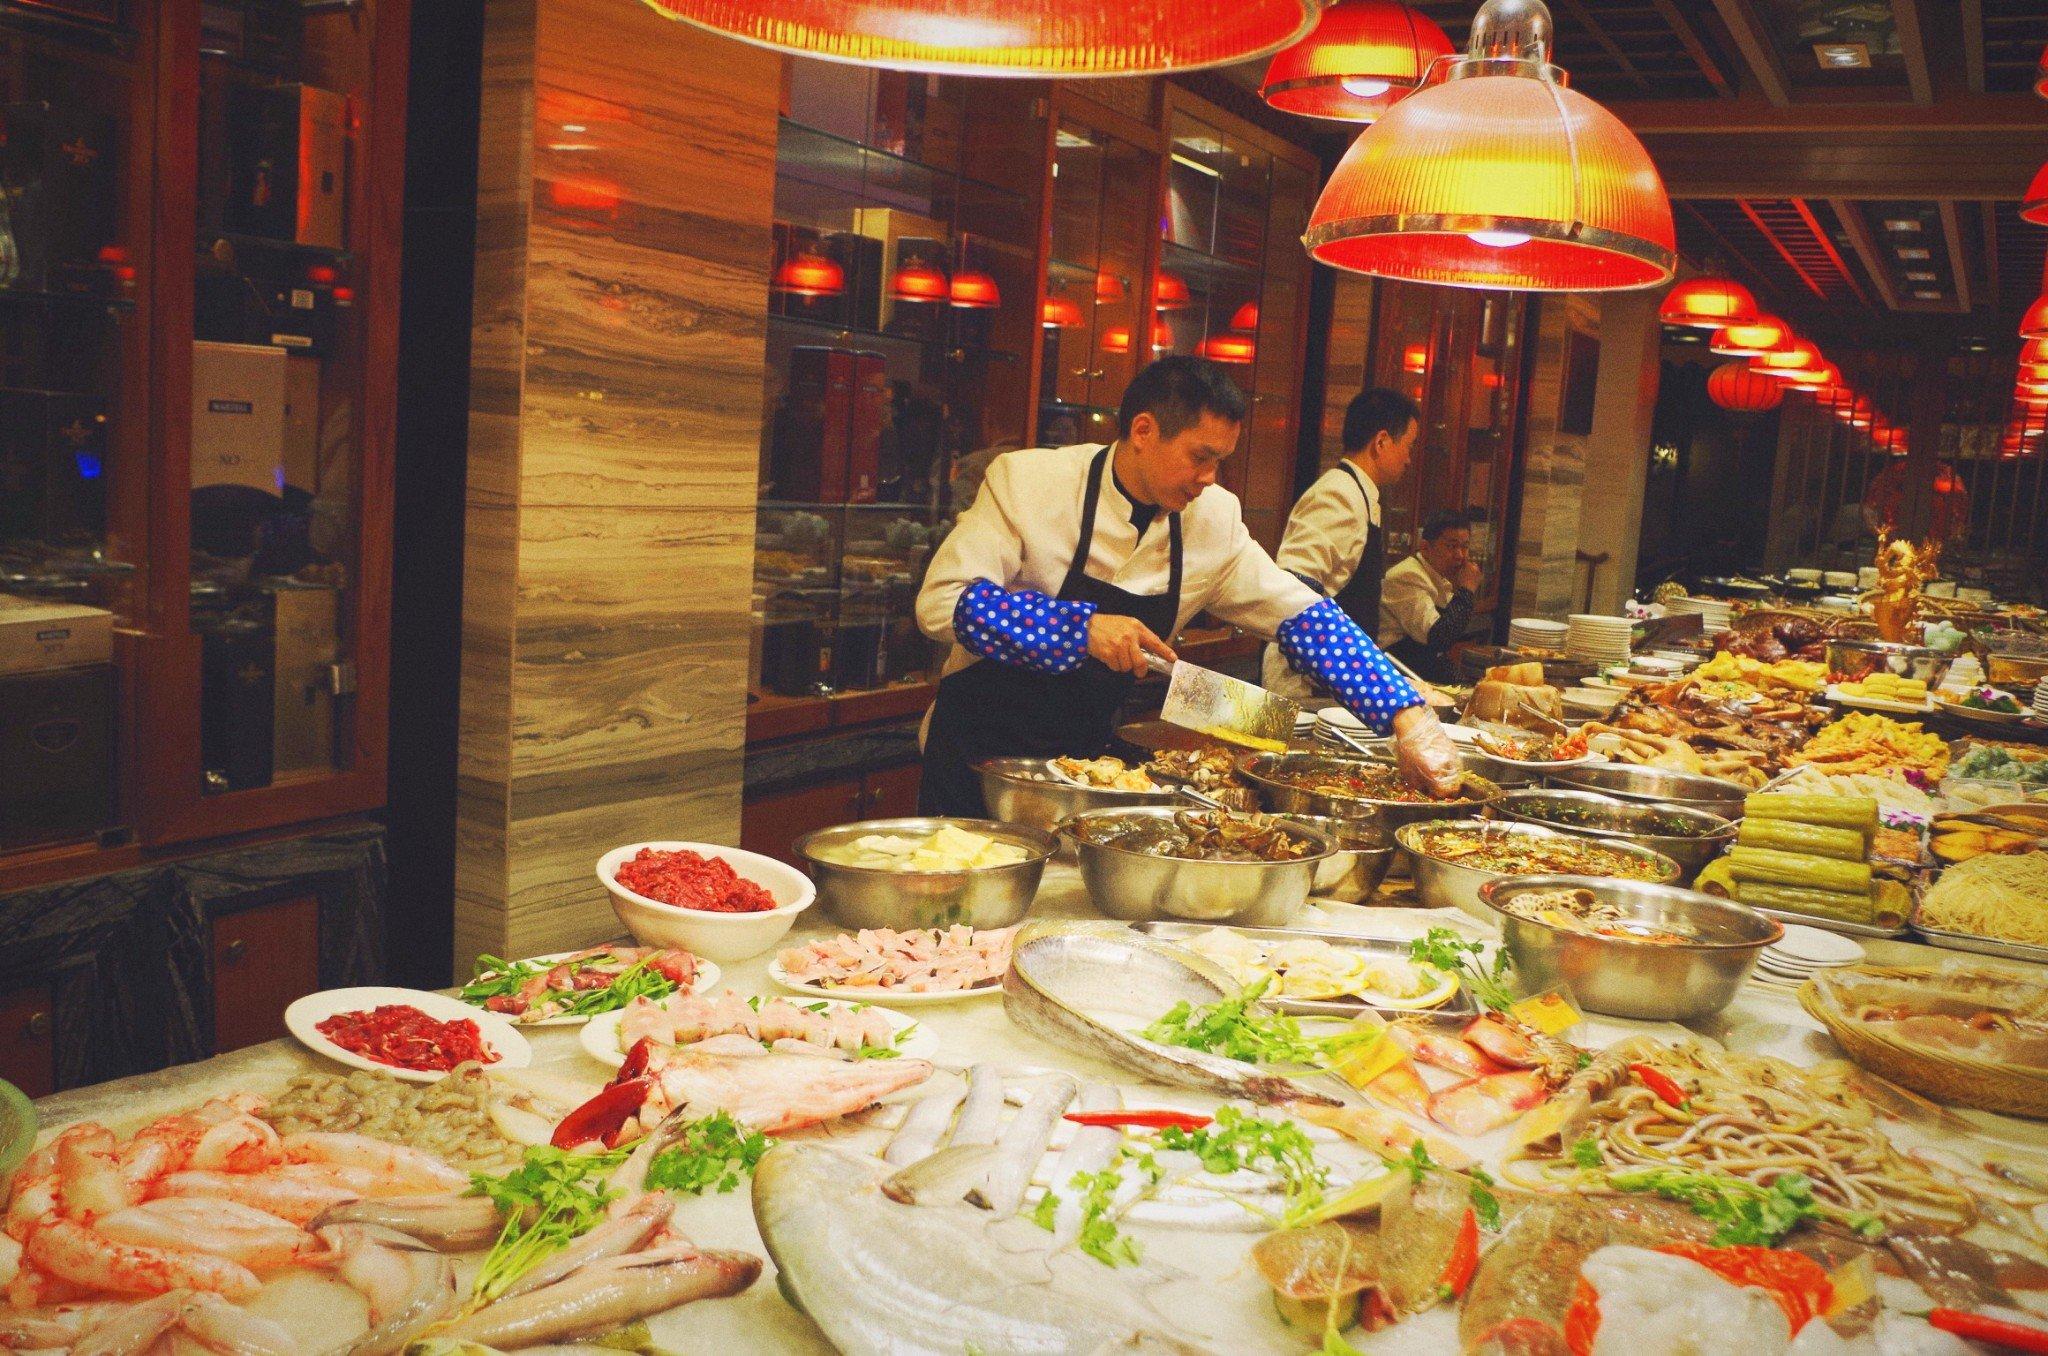 食在潮汕——周末潮汕地区美食大搜罗